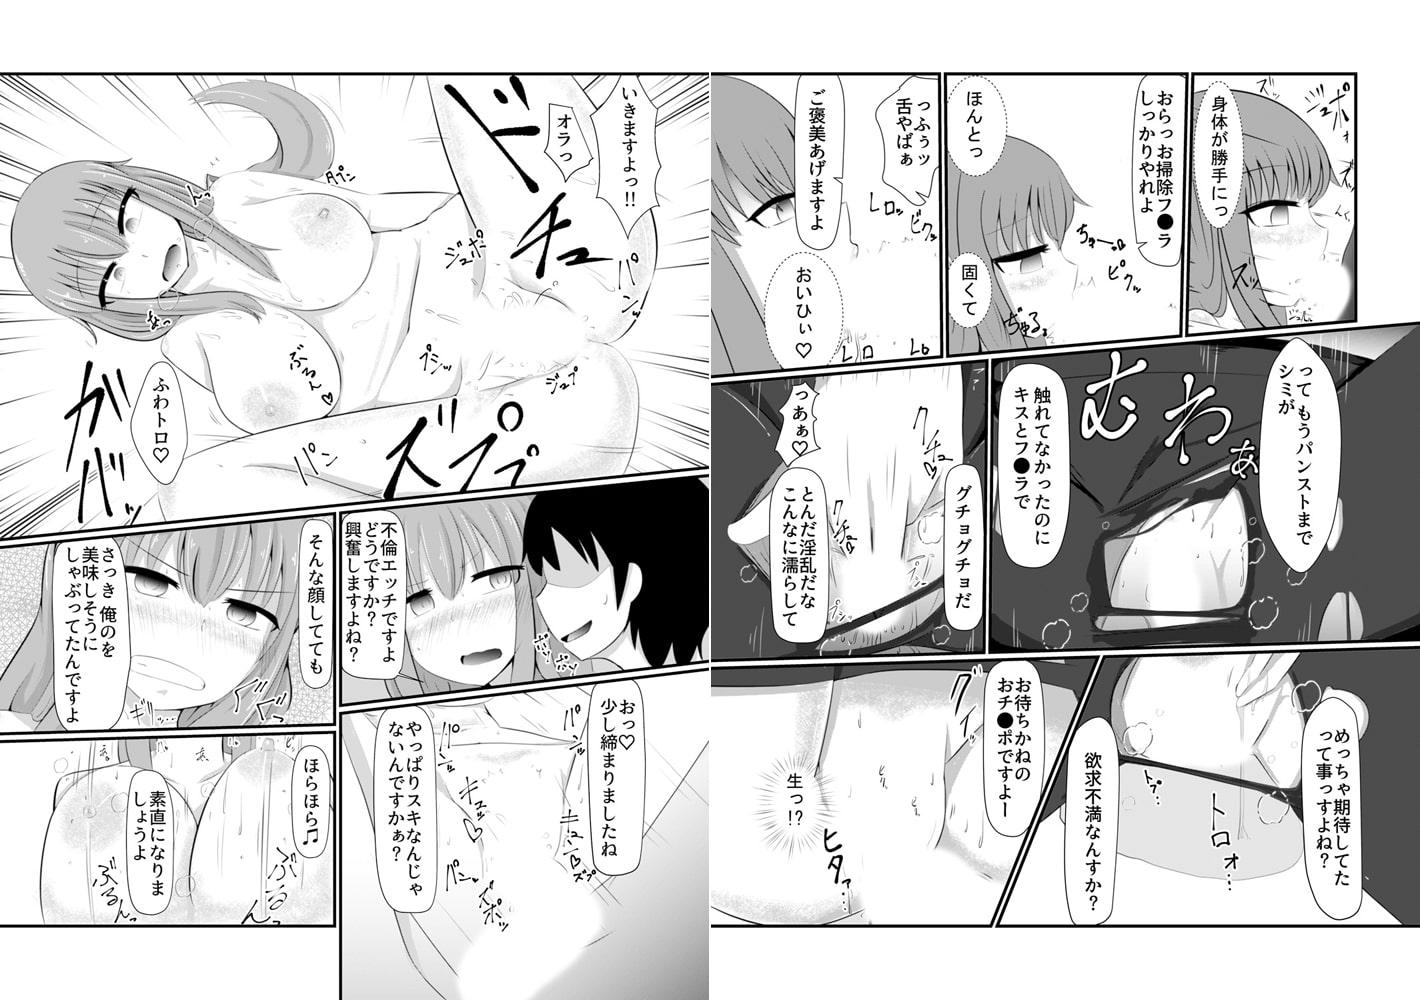 エッチなアイテムで女の子をヤりたい放題1【侍侍コレクション】